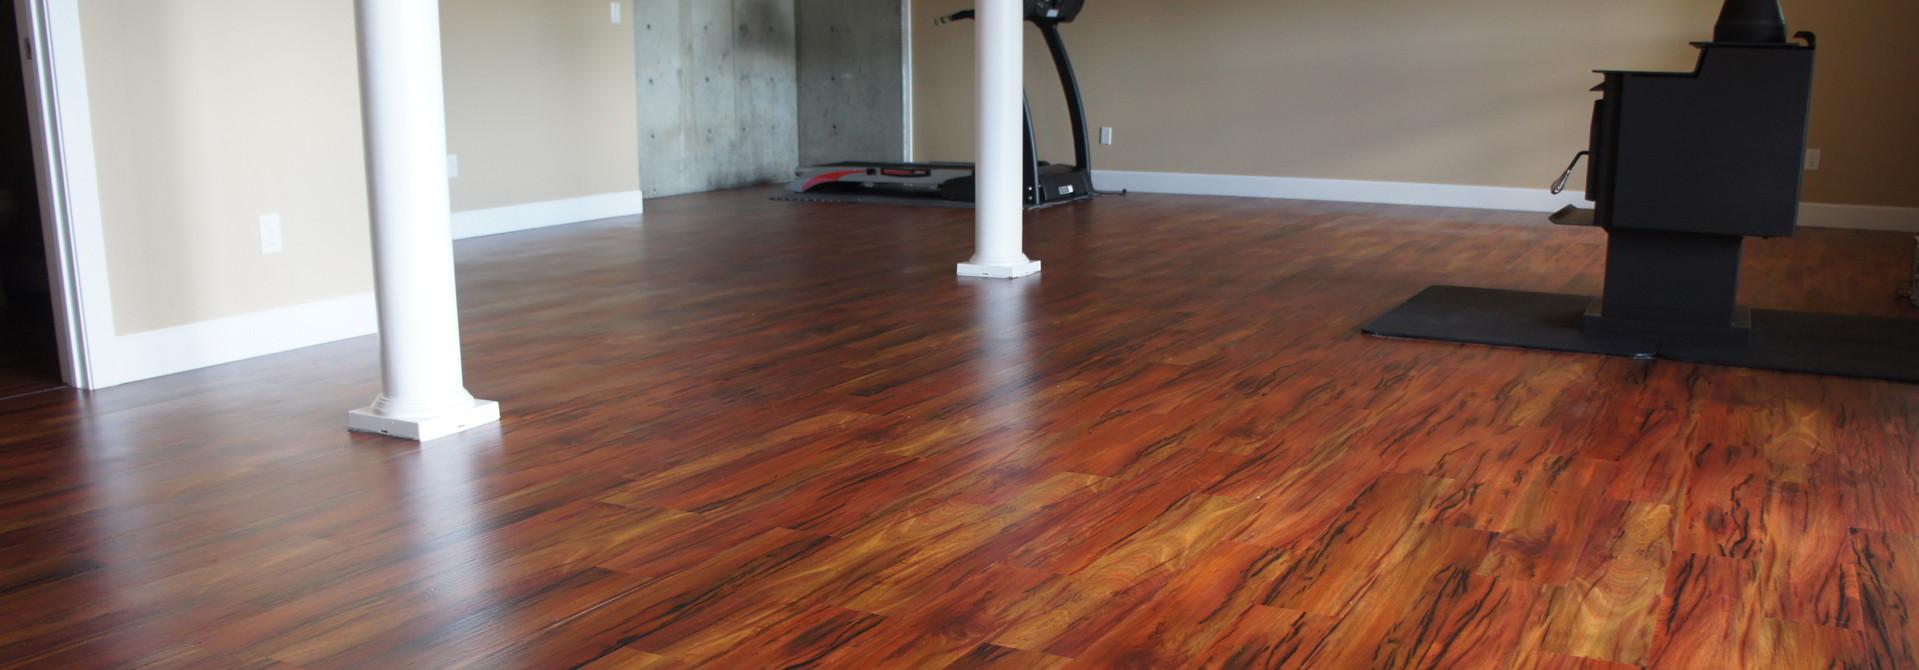 Vinyl-Plank-Flooring1